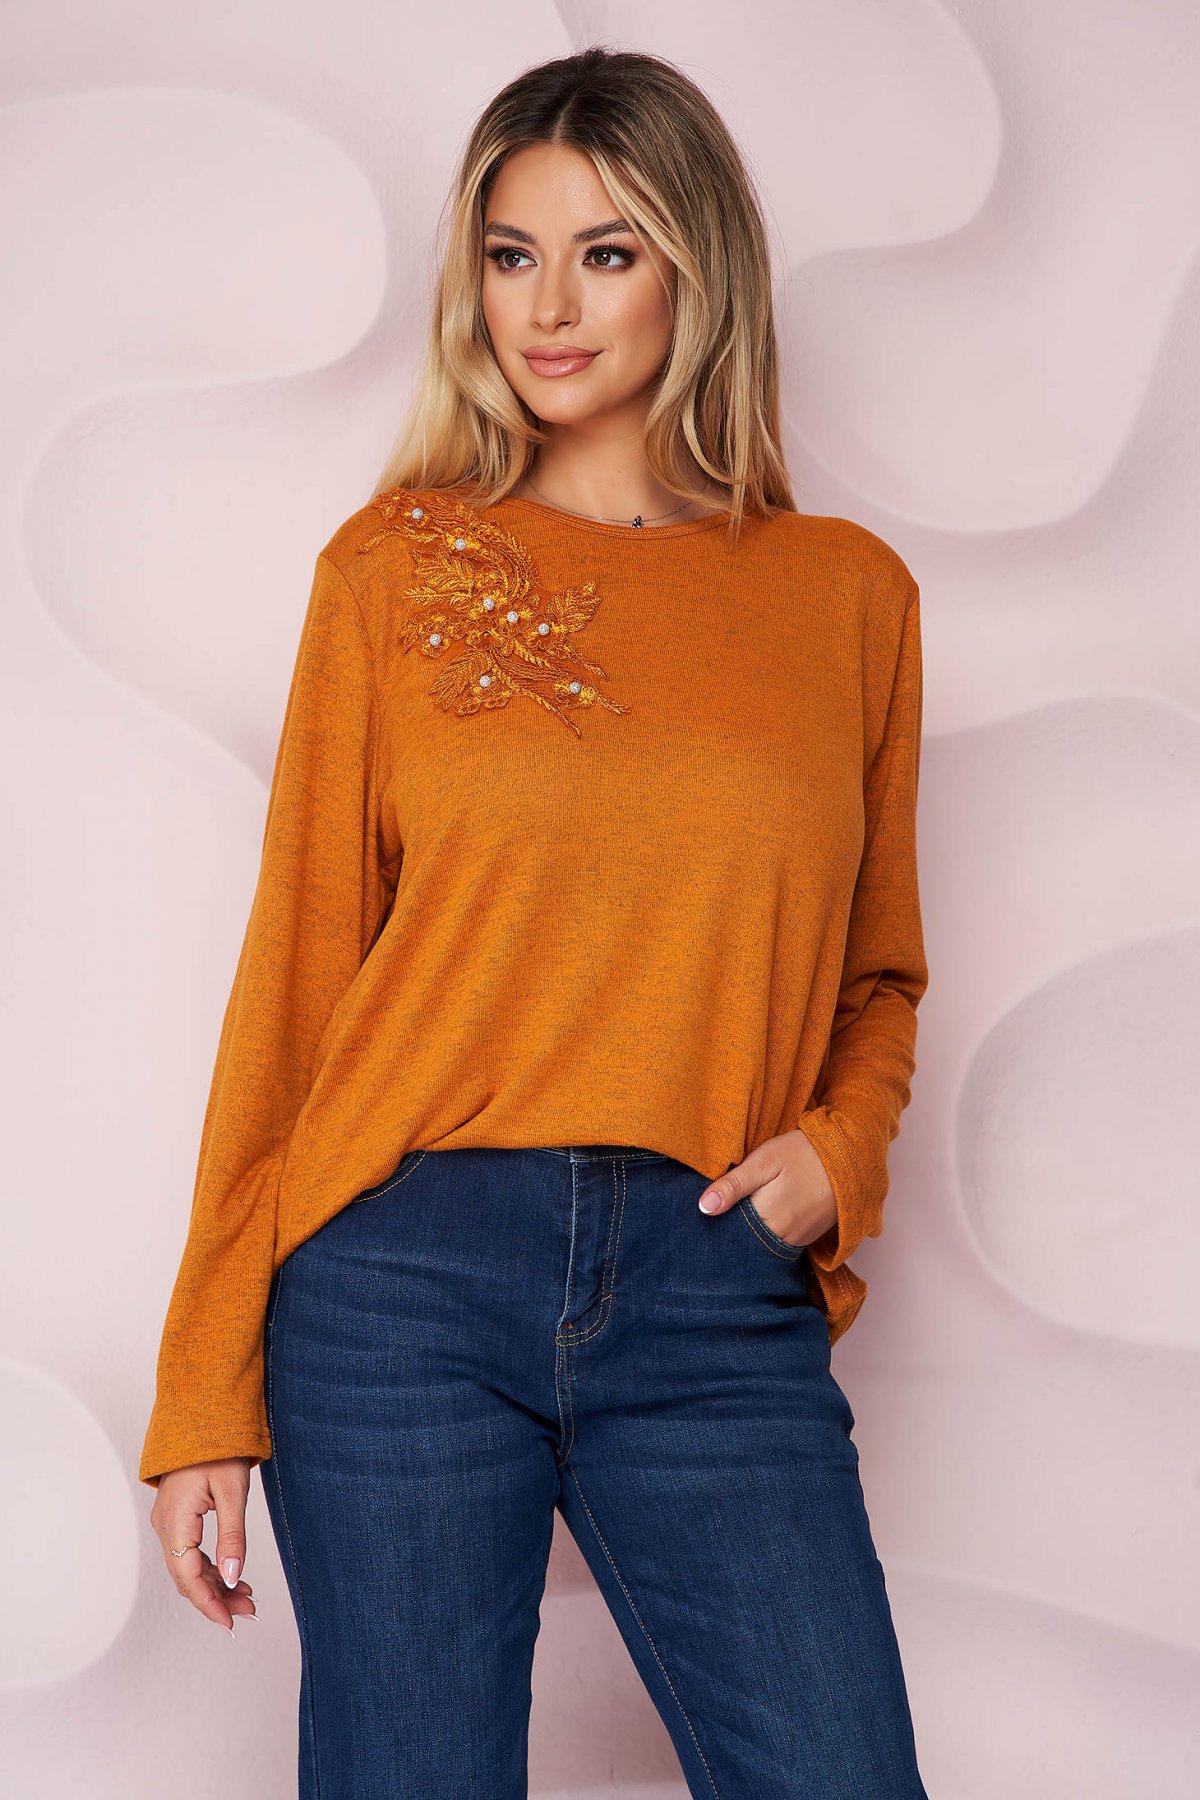 Bluza dama Lady Pandora portocalie office cu croi larg din material tricotat elastic si subtire si broderie florala